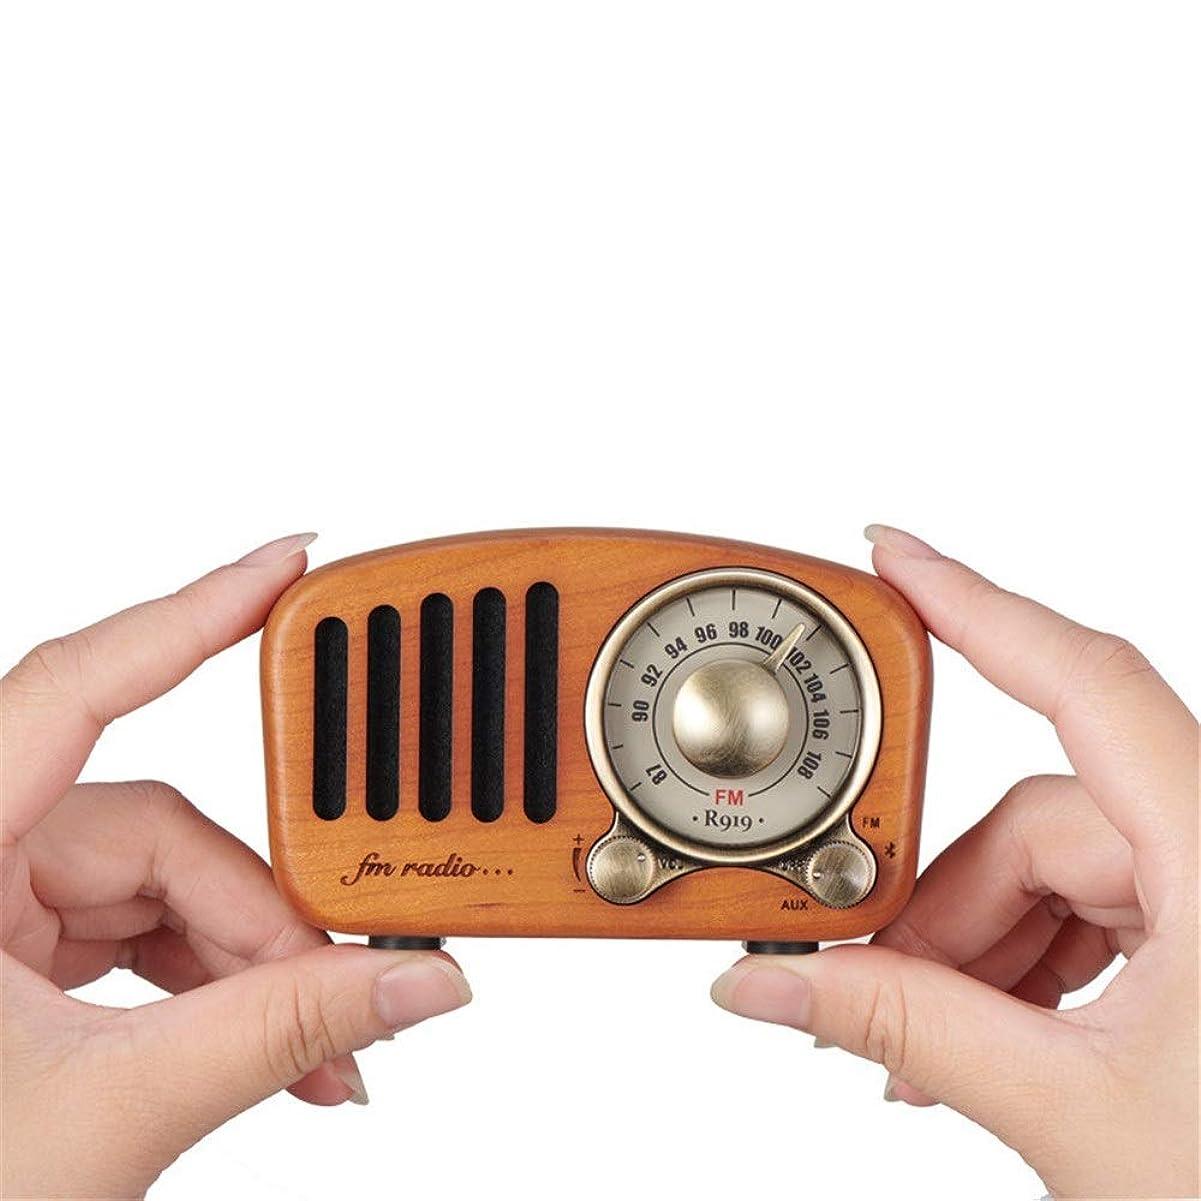 アームストロング手東ティモールレトロなBluetoothスピーカー FMステレオ用ワイヤレスステレオレトロスピーカーブルートゥーススピーカーラジオポータブルブルートゥース4.2 3.5mmオーディオ入力ジャックとTFカードポート付き 使い方が簡単 (色 : B)